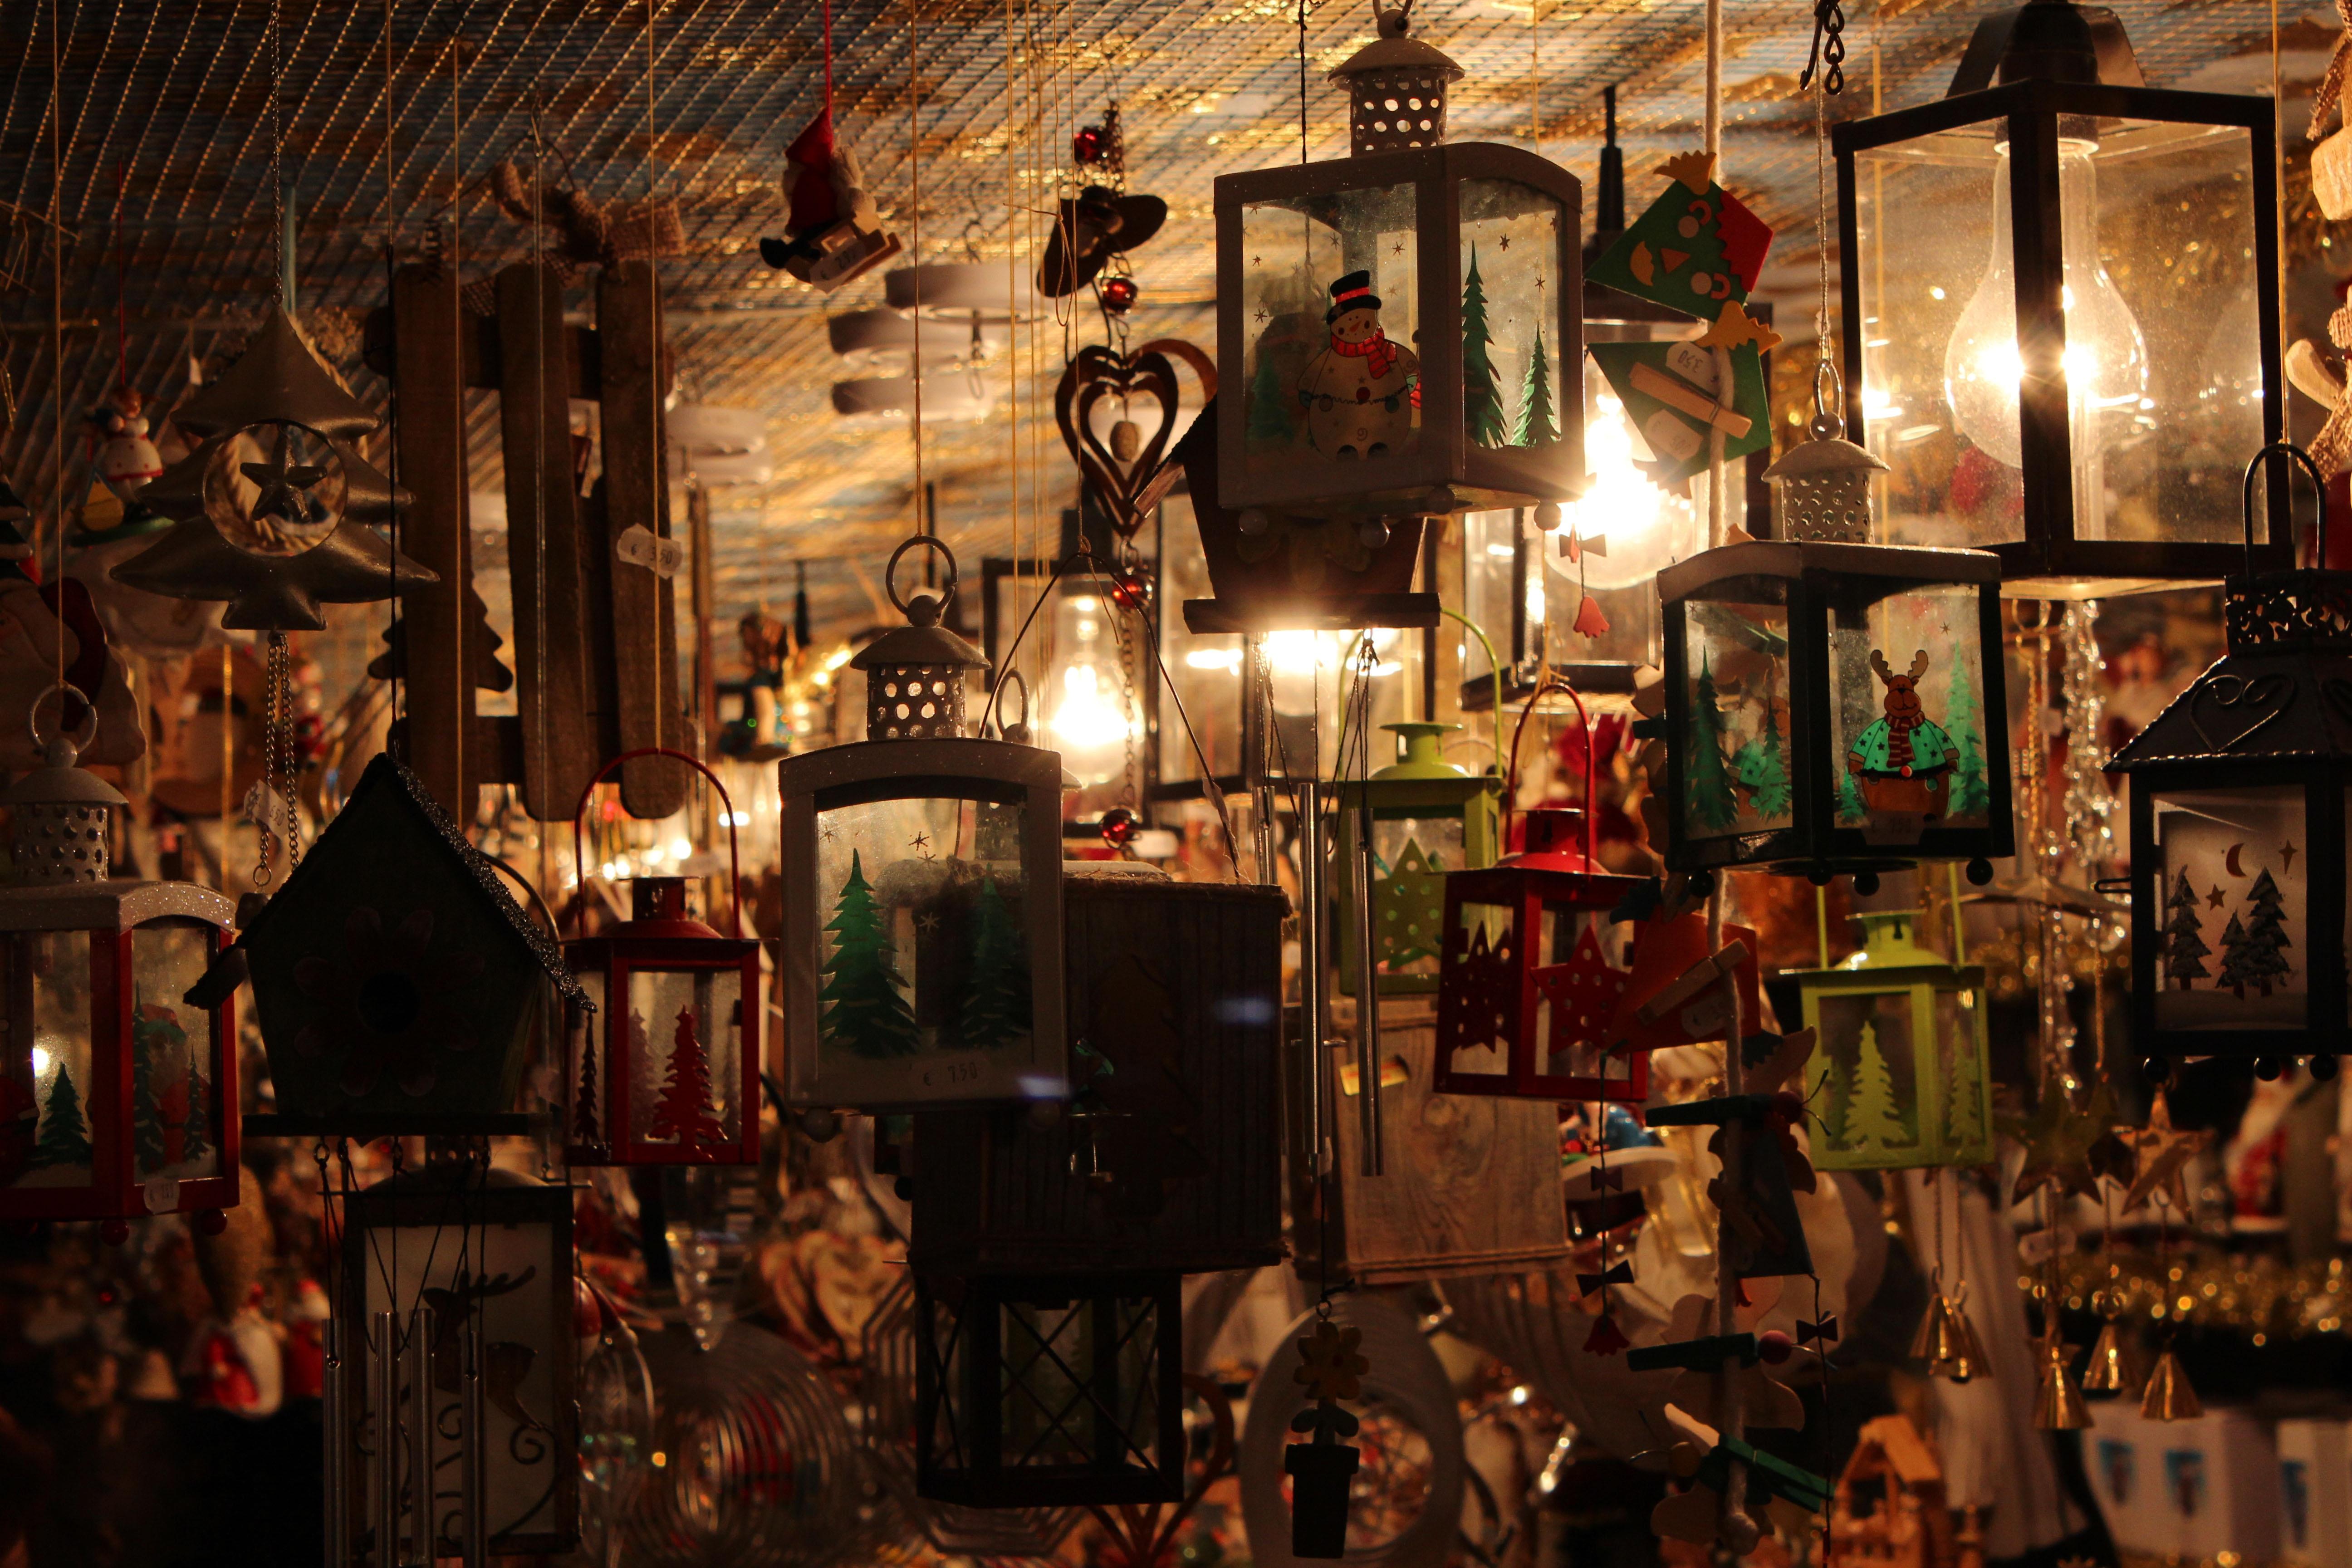 Fotos gratis atm sfera bazar iluminaci n decoraci n for Bazar decoracion